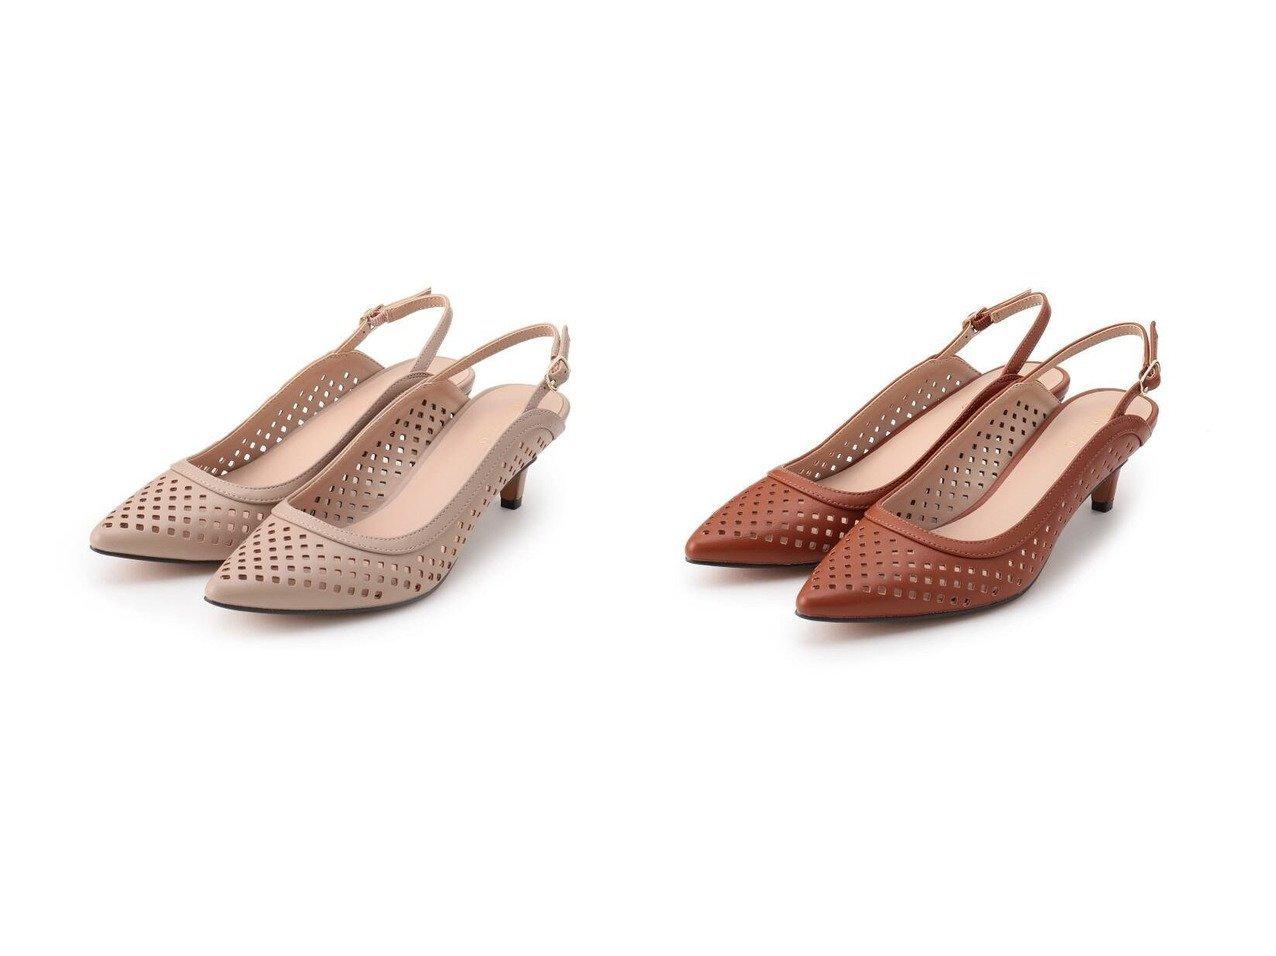 【UNTITLED/アンタイトル】のスクエアカットワークストラップパンプス 【シューズ・靴】おすすめ!人気、トレンド・レディースファッションの通販 おすすめで人気の流行・トレンド、ファッションの通販商品 メンズファッション・キッズファッション・インテリア・家具・レディースファッション・服の通販 founy(ファニー) https://founy.com/ ファッション Fashion レディースファッション WOMEN NEW・新作・新着・新入荷 New Arrivals S/S・春夏 SS・Spring/Summer エレガント シューズ ヌーディ バランス ベーシック ワーク 春 Spring  ID:crp329100000030393